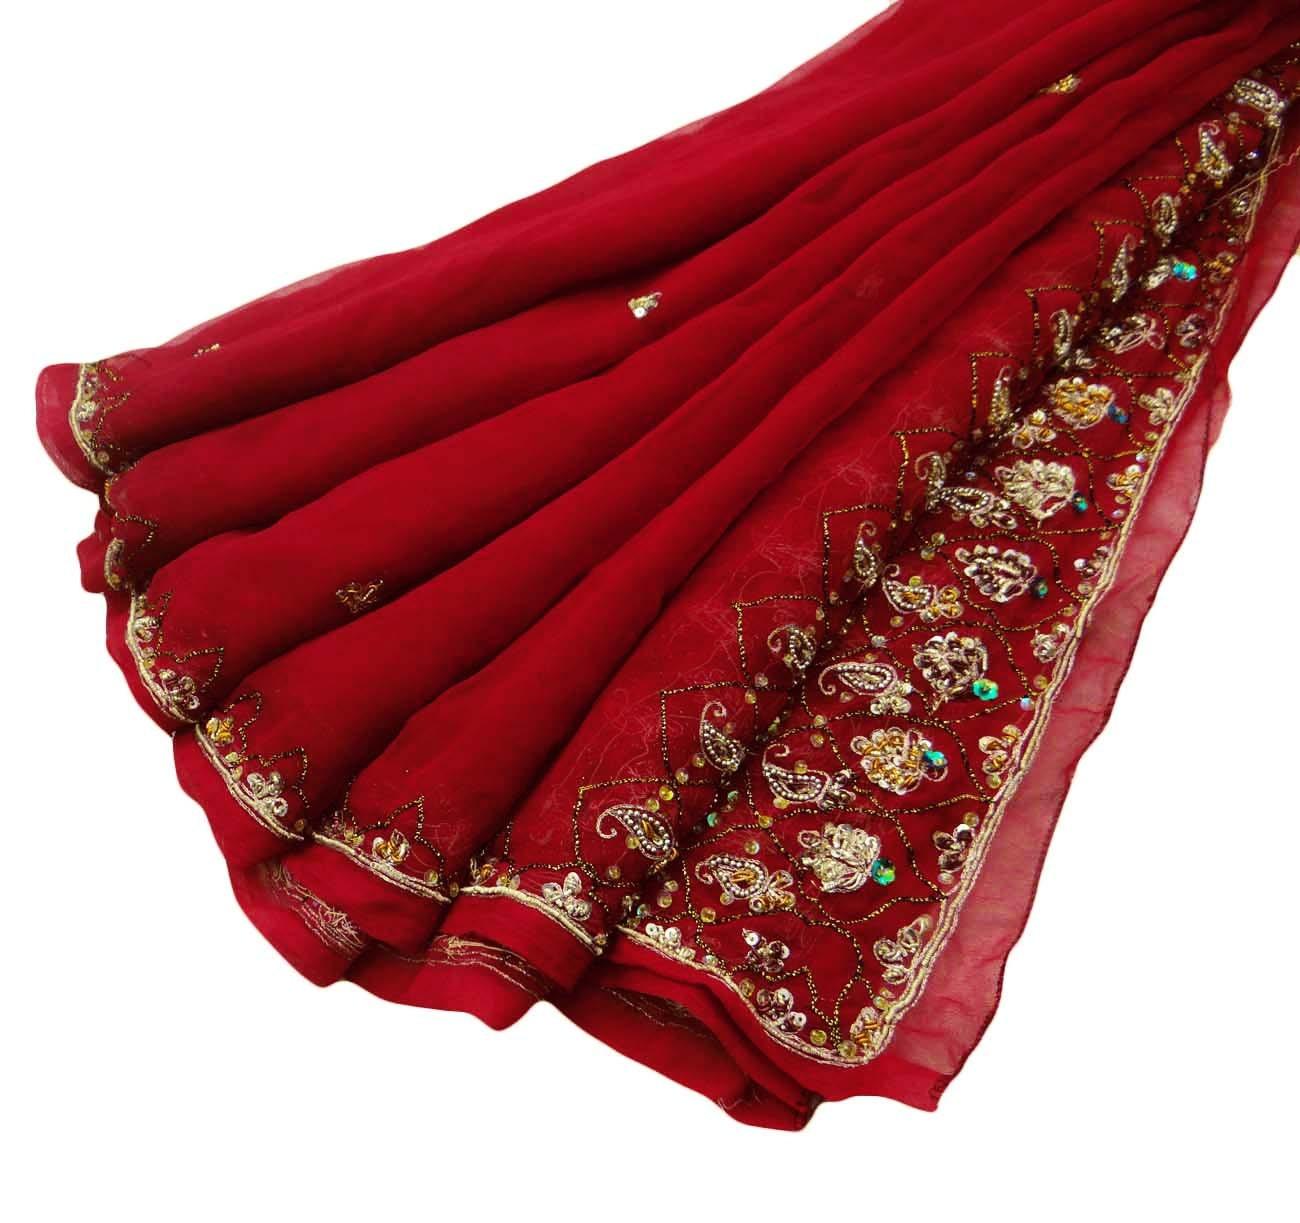 georgette indian dupatta beaded fabric by vintagehaat